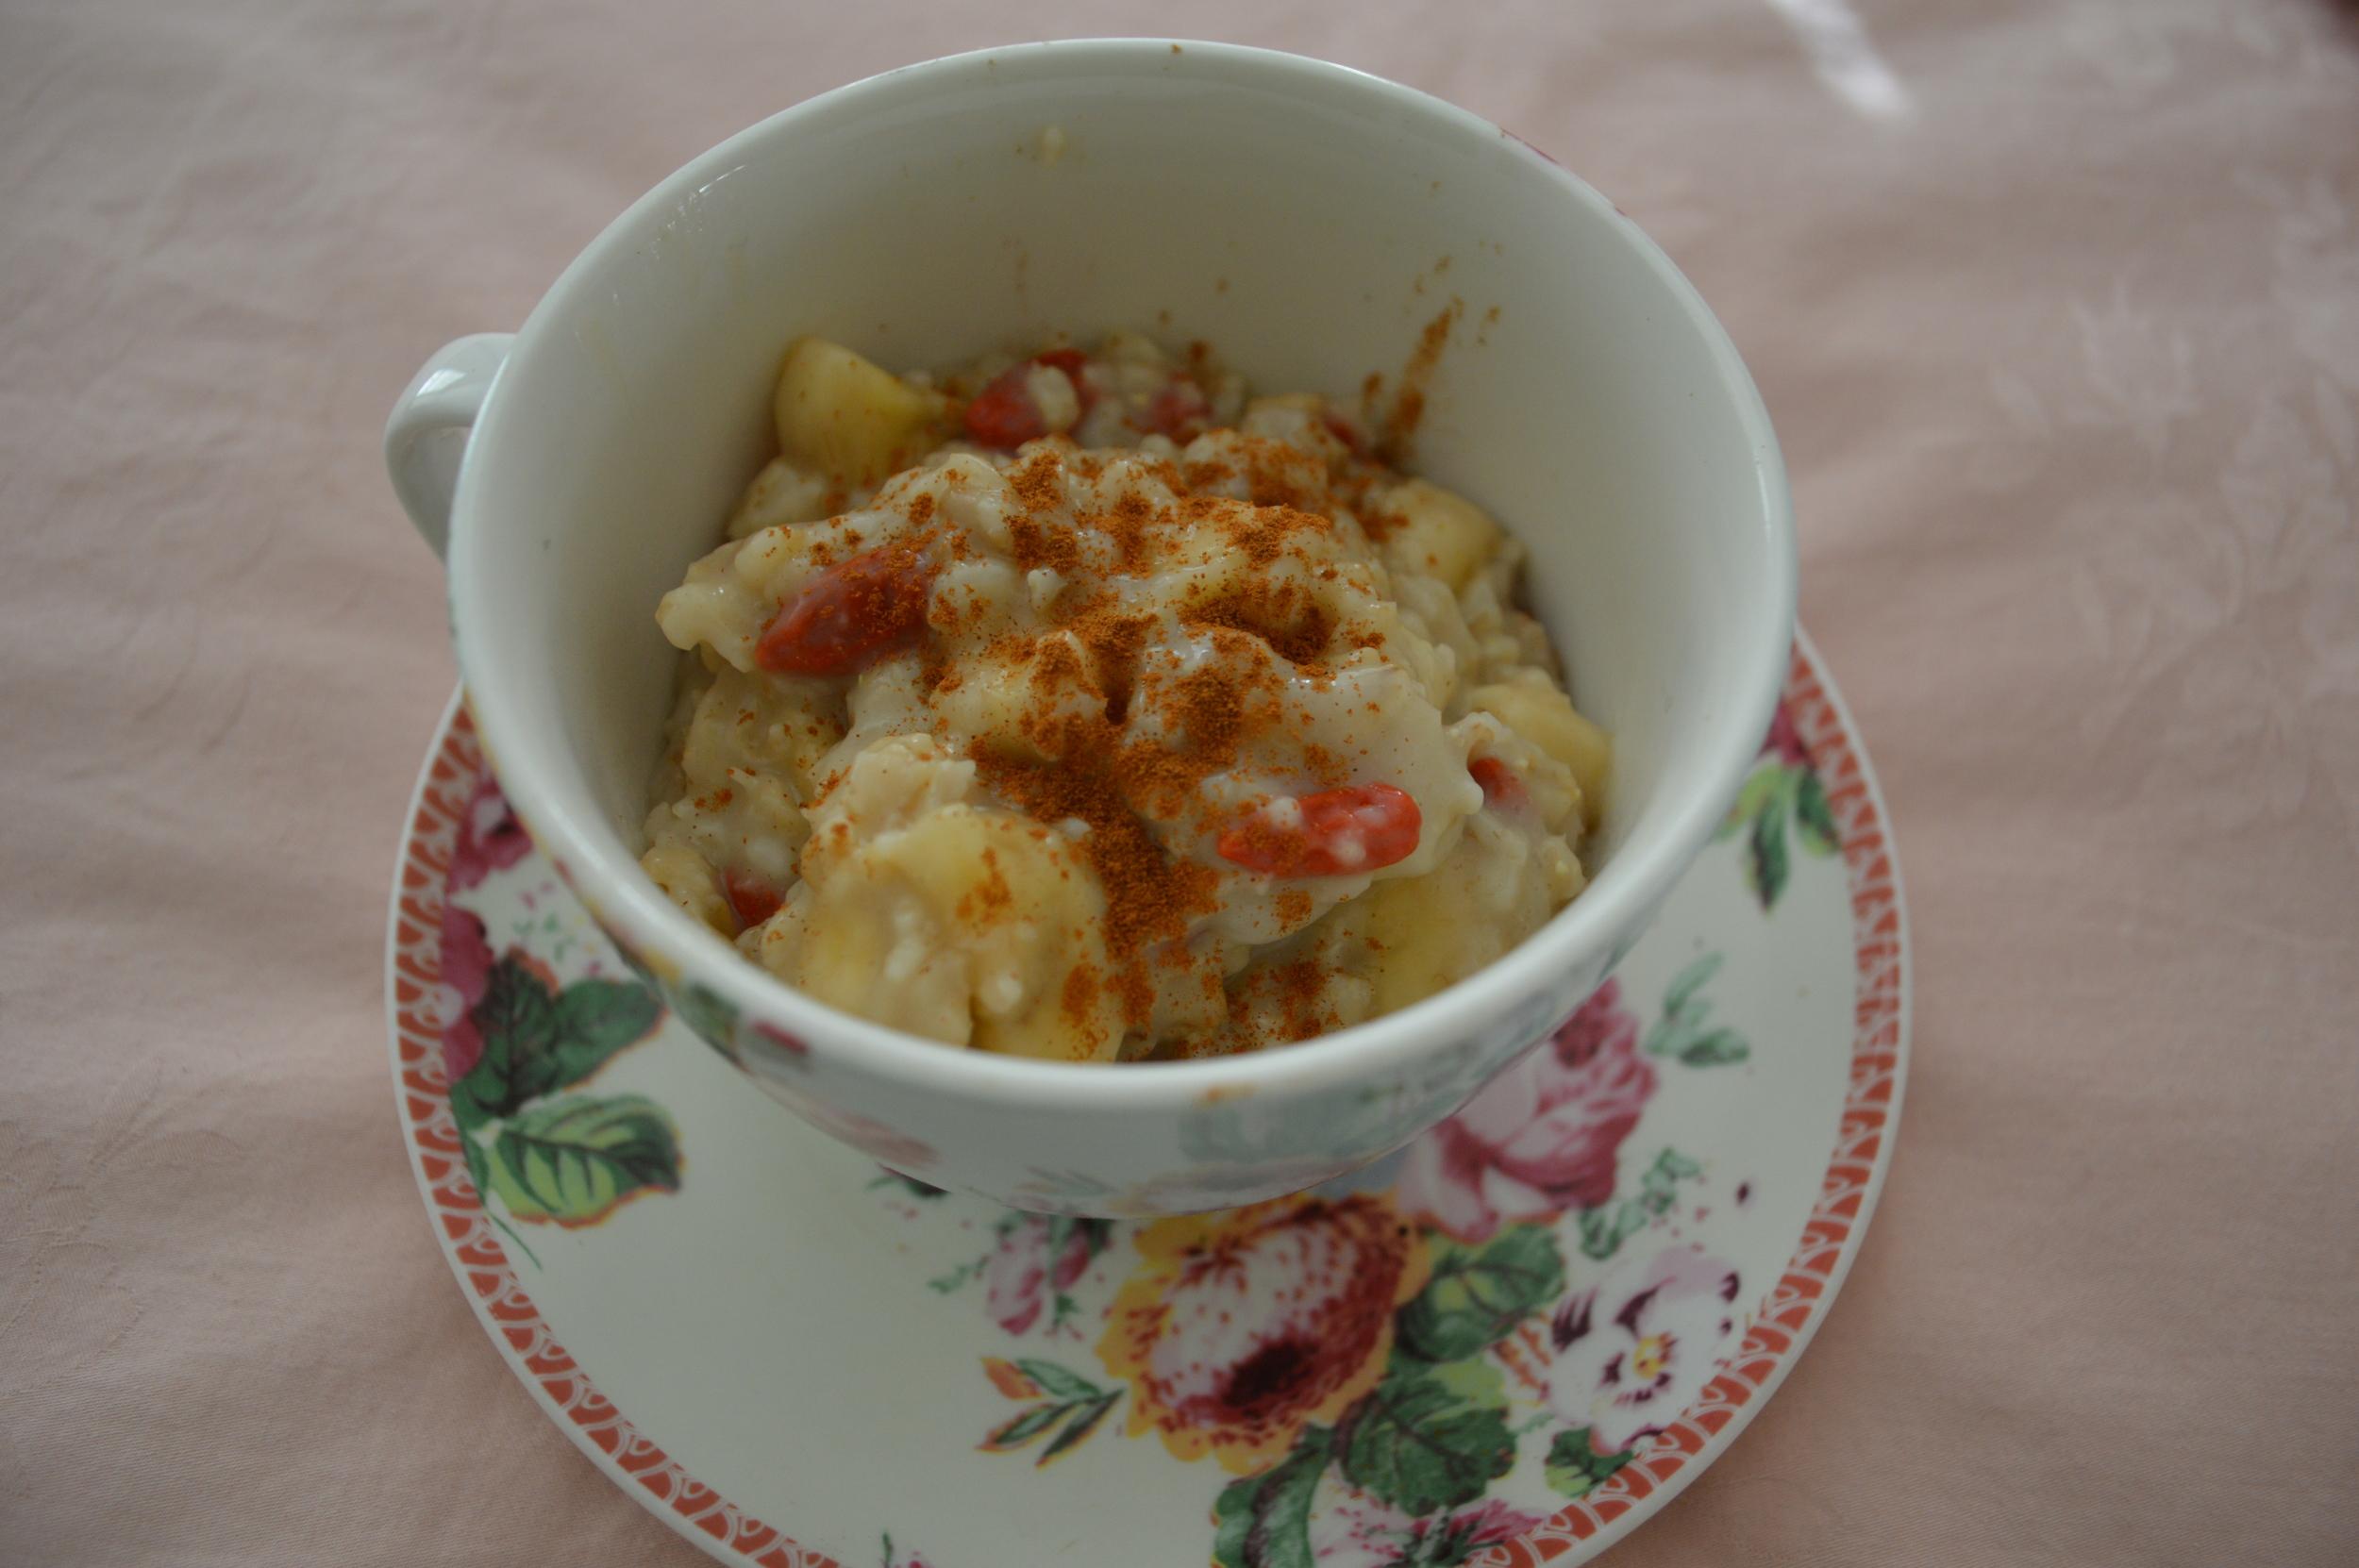 Banana & Goji Berry Oatmeal